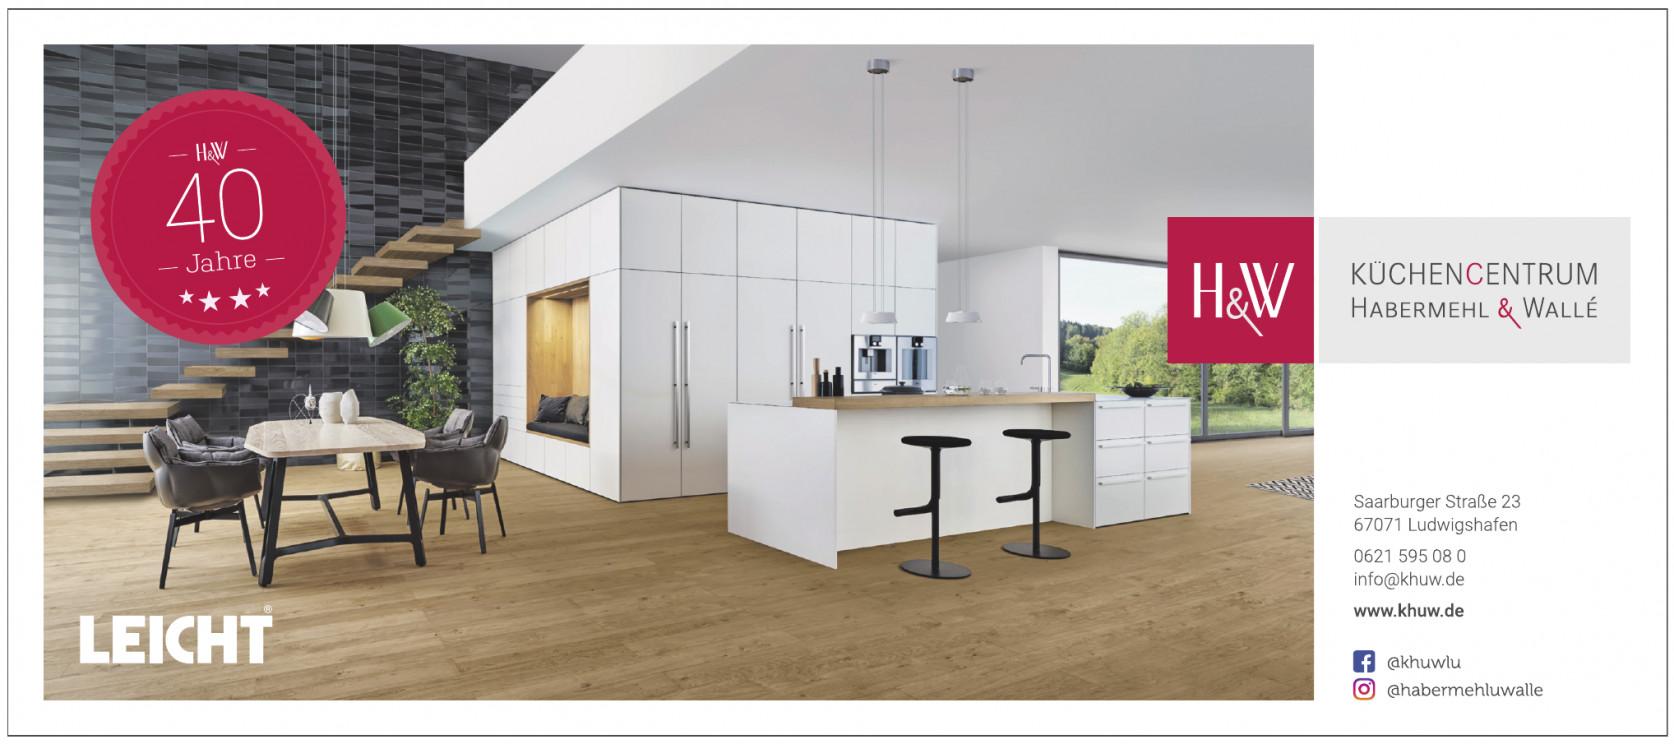 Küchen Centrum Habermehl & Wallé